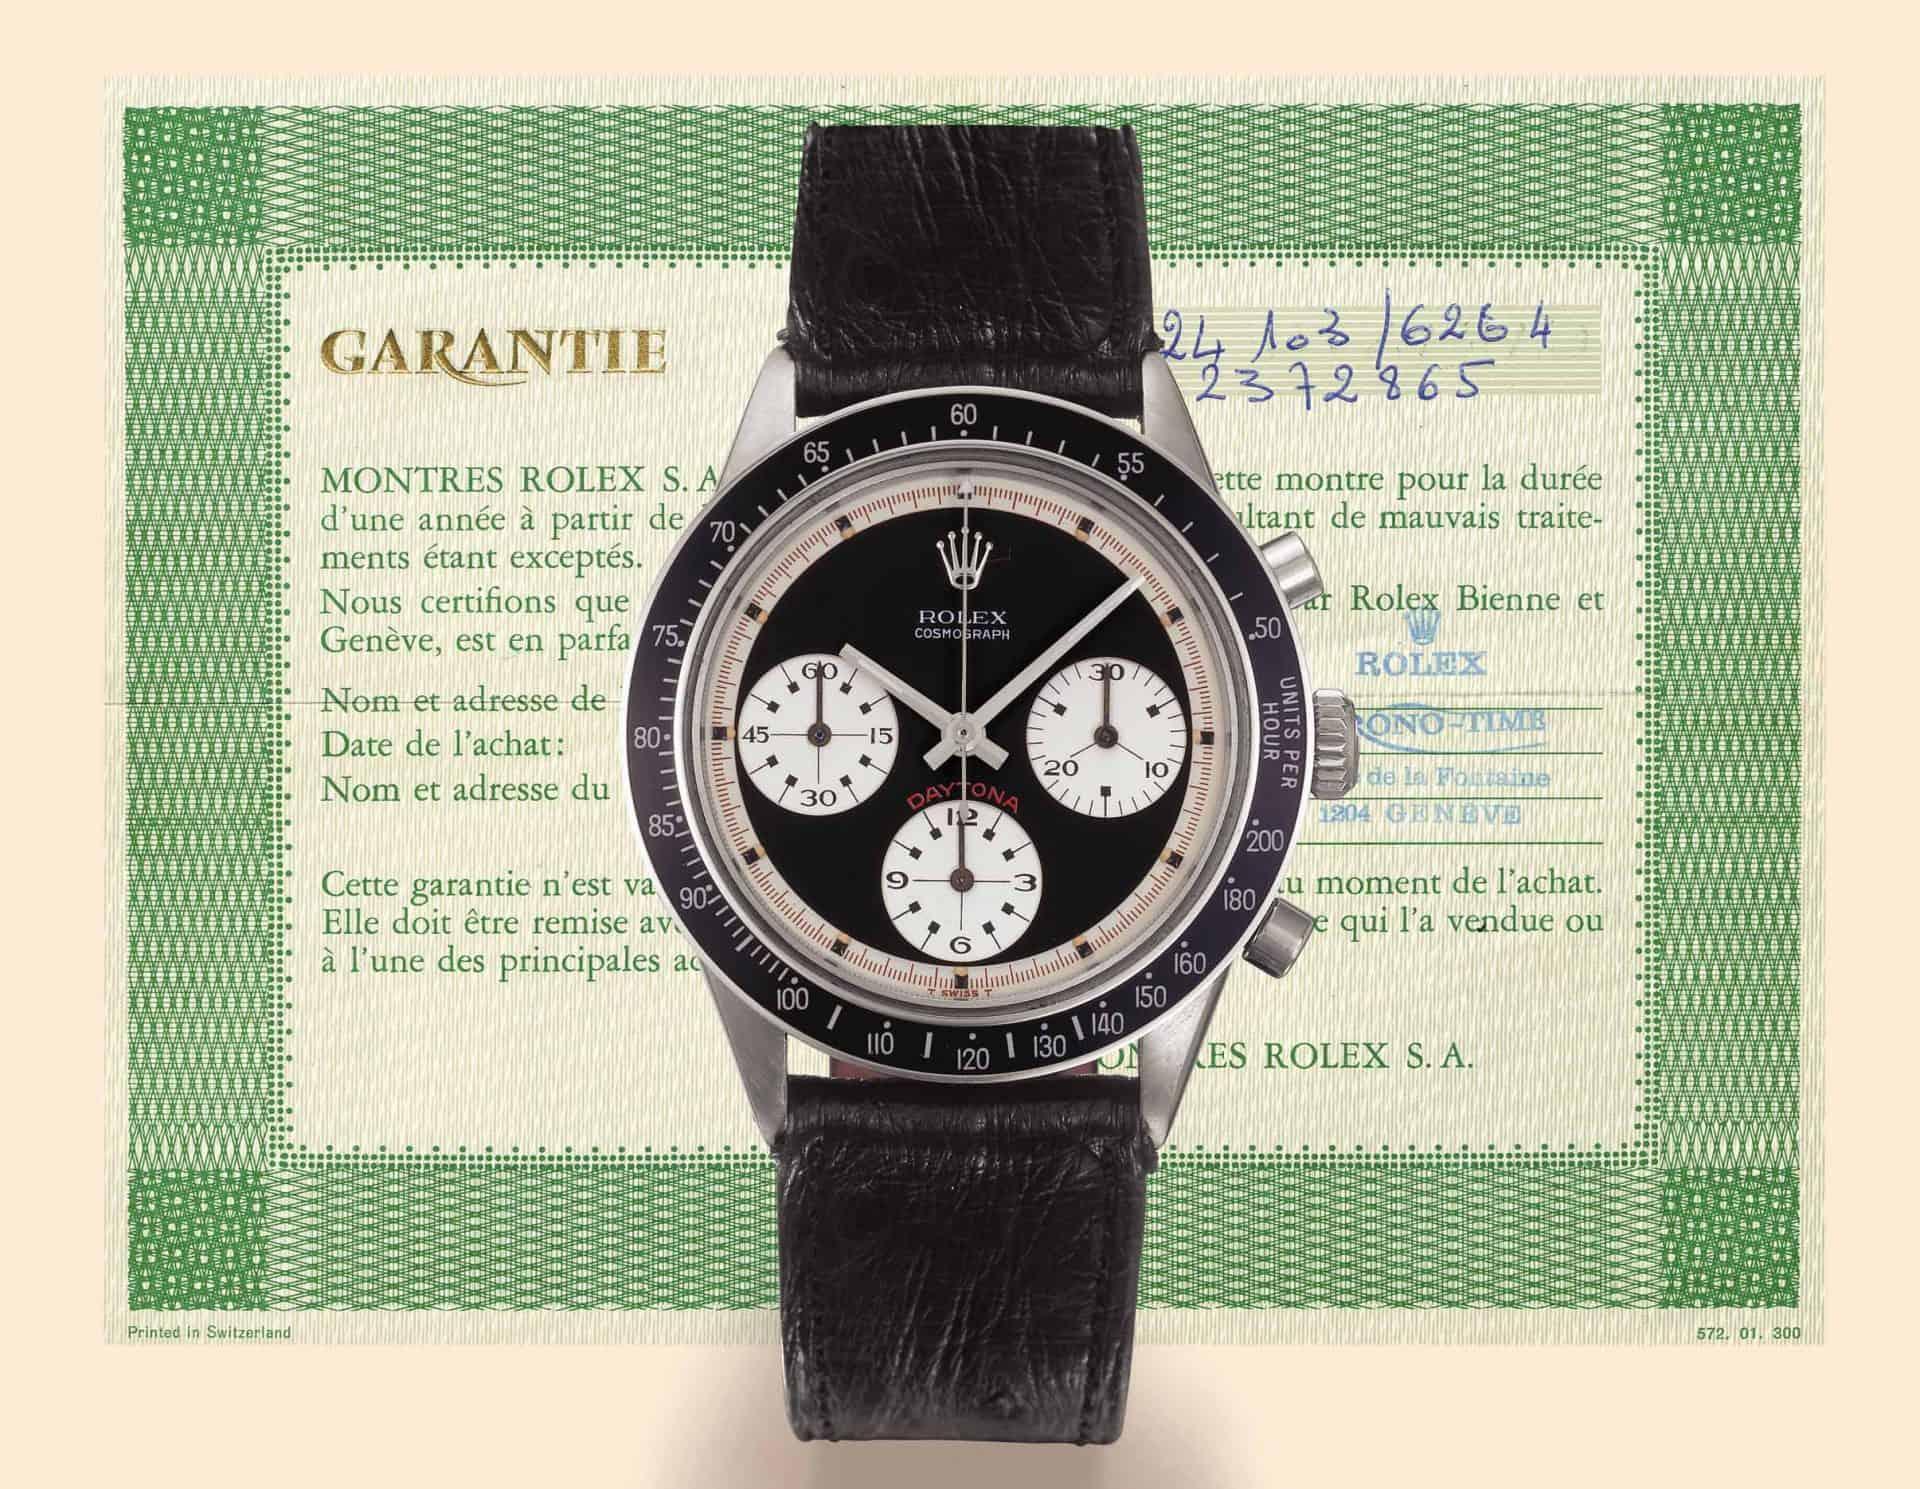 Die Rolex Daytona wird extrem oft mit falschen Zifferblättern oder vermeintlich echten Papieren in Umlauf gebracht.